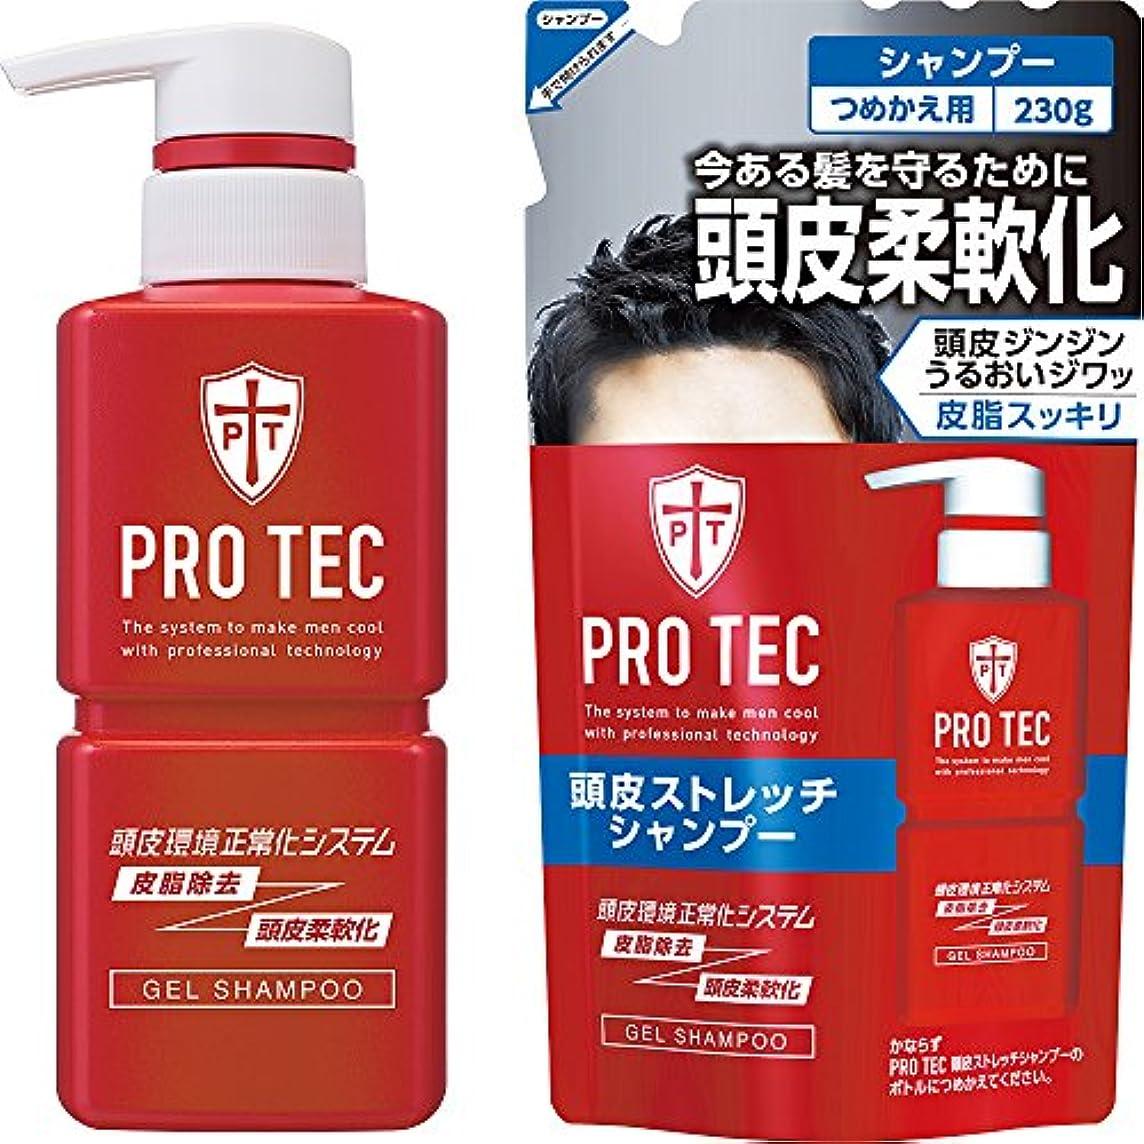 むさぼり食う豚文化PRO TEC(プロテク) 頭皮ストレッチシャンプー 本体ポンプ300g+詰め替え230g セット(医薬部外品)